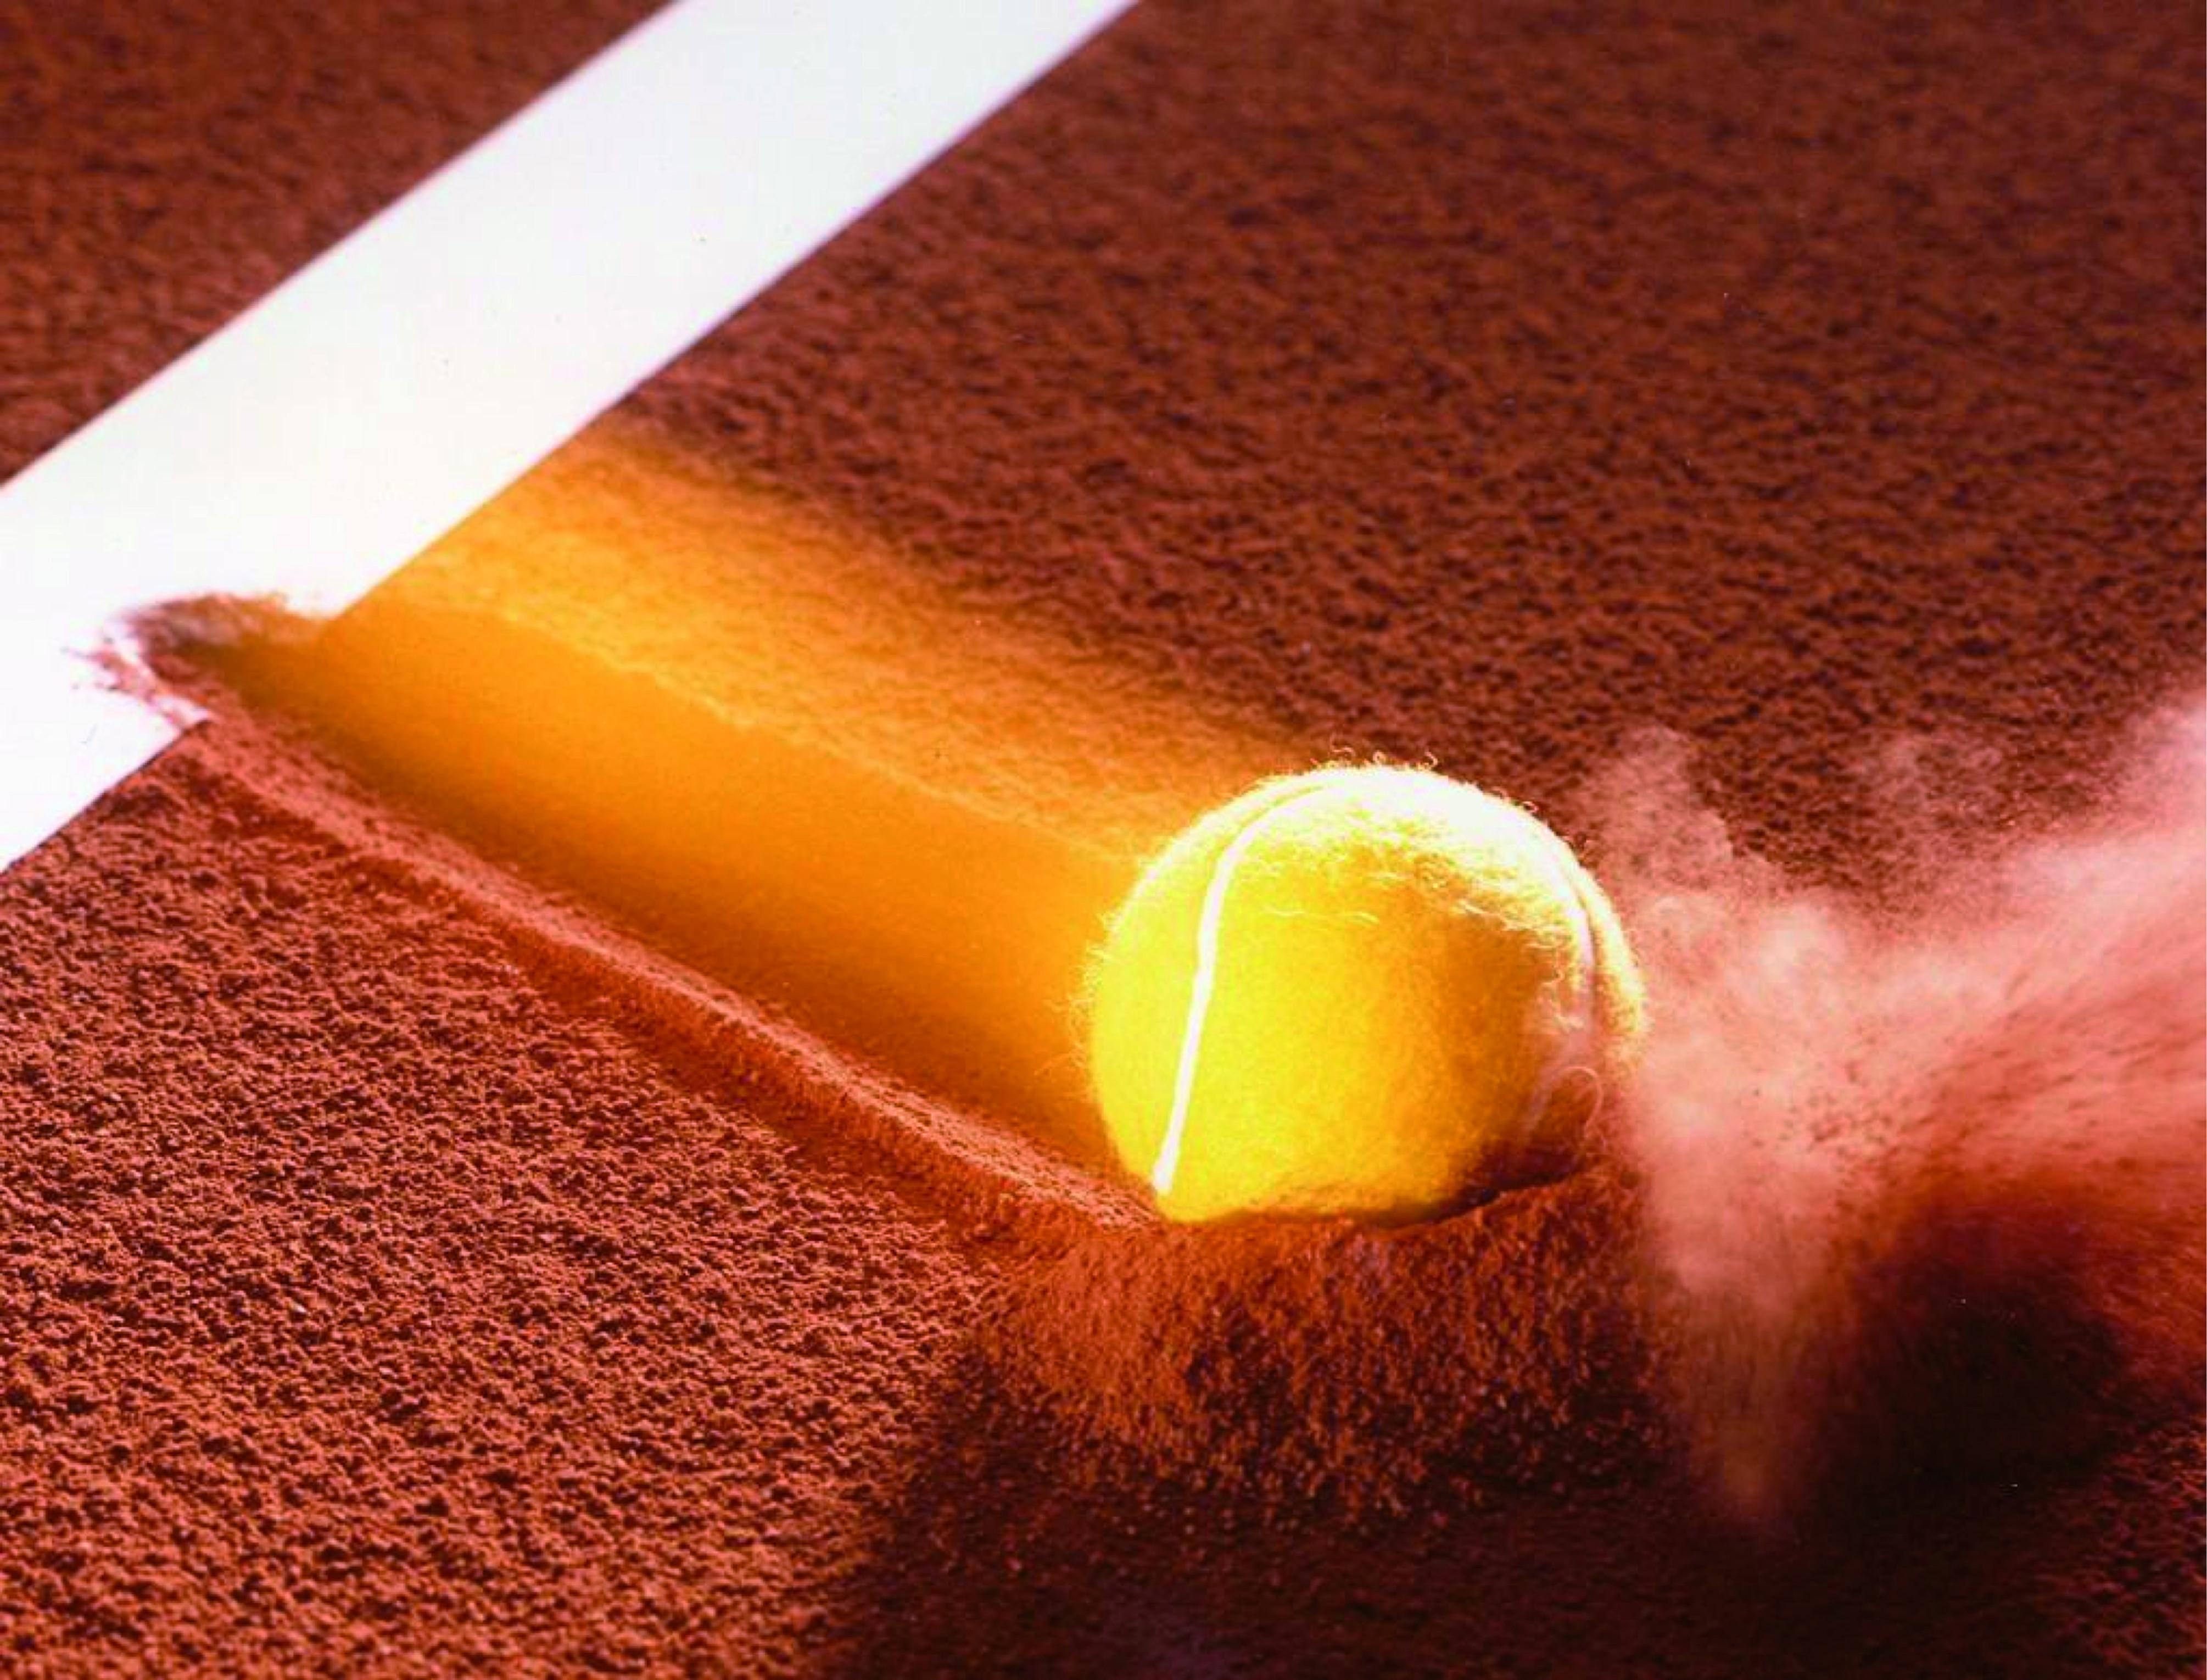 Pista Tenis // Tennis Court